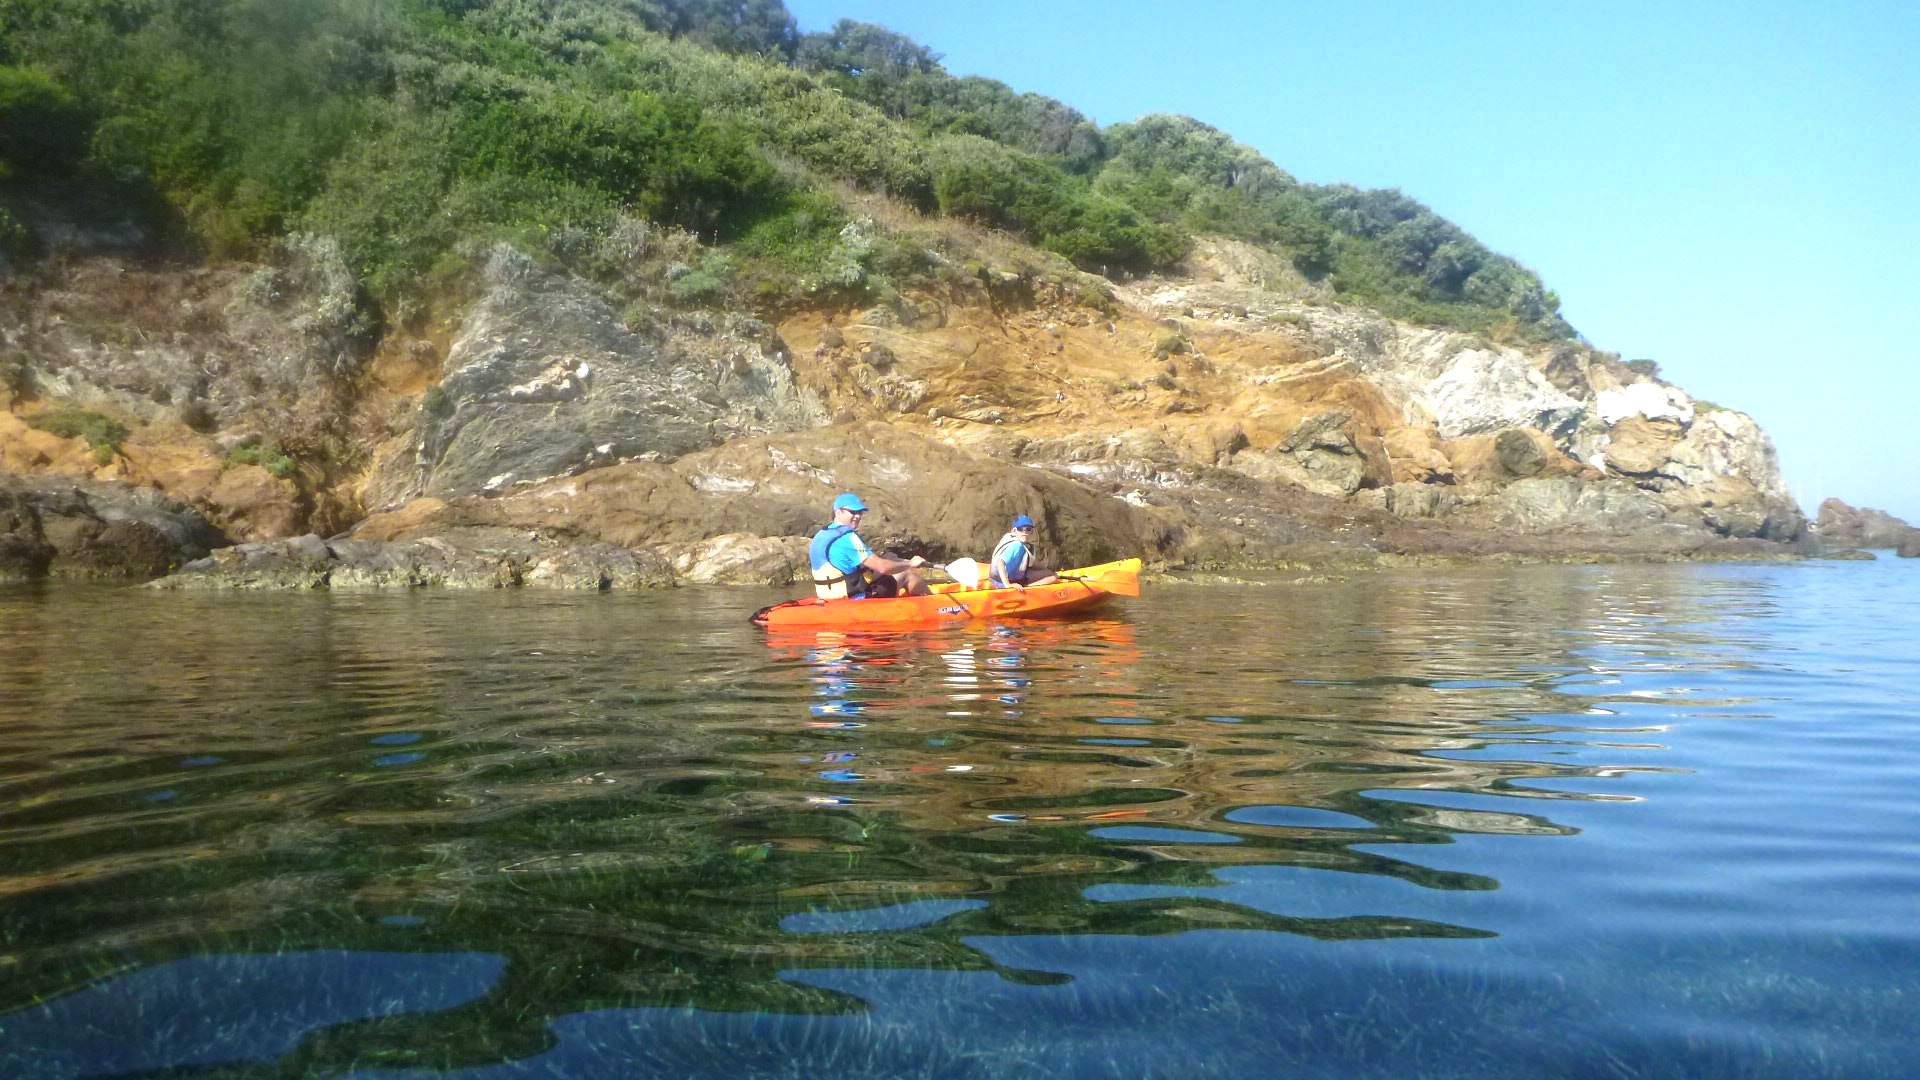 Balade en Kayak à la découverte de la presqu'île de Giens